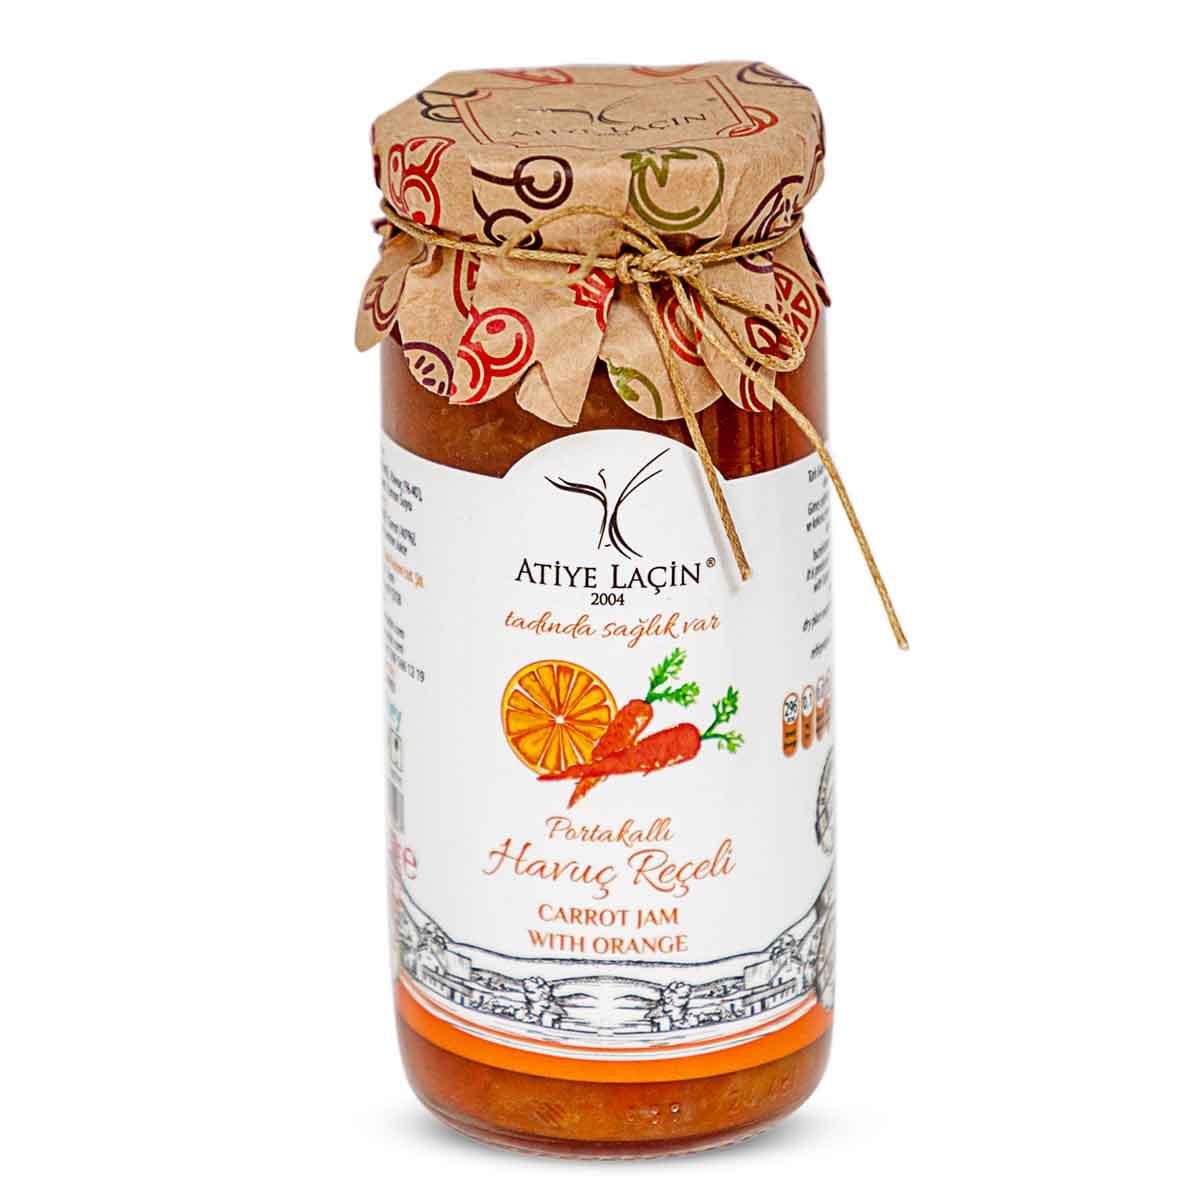 Atiye Lacin - Orangen Karotten Marmelade - portakalli havuç reçeli